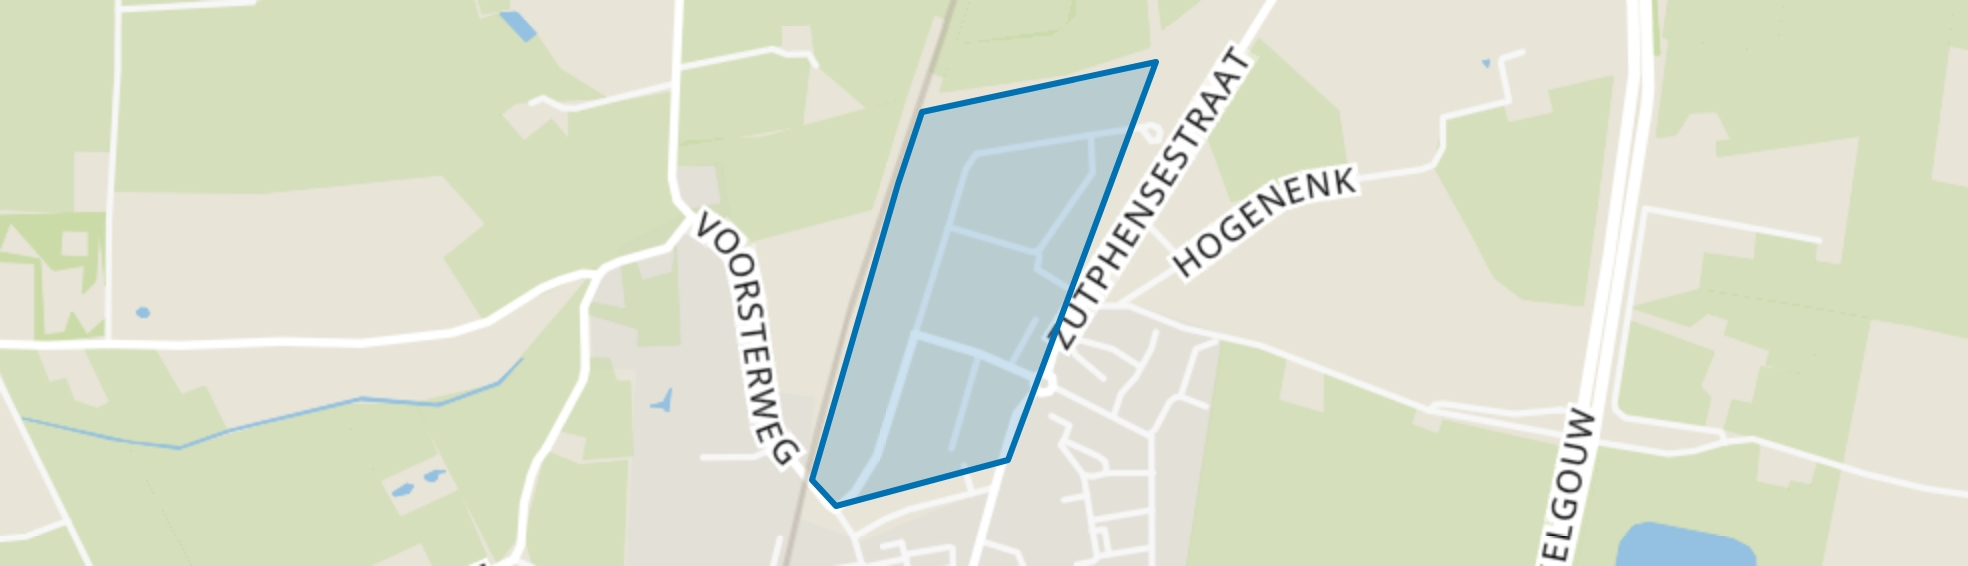 Rhienderen Noord, Brummen map